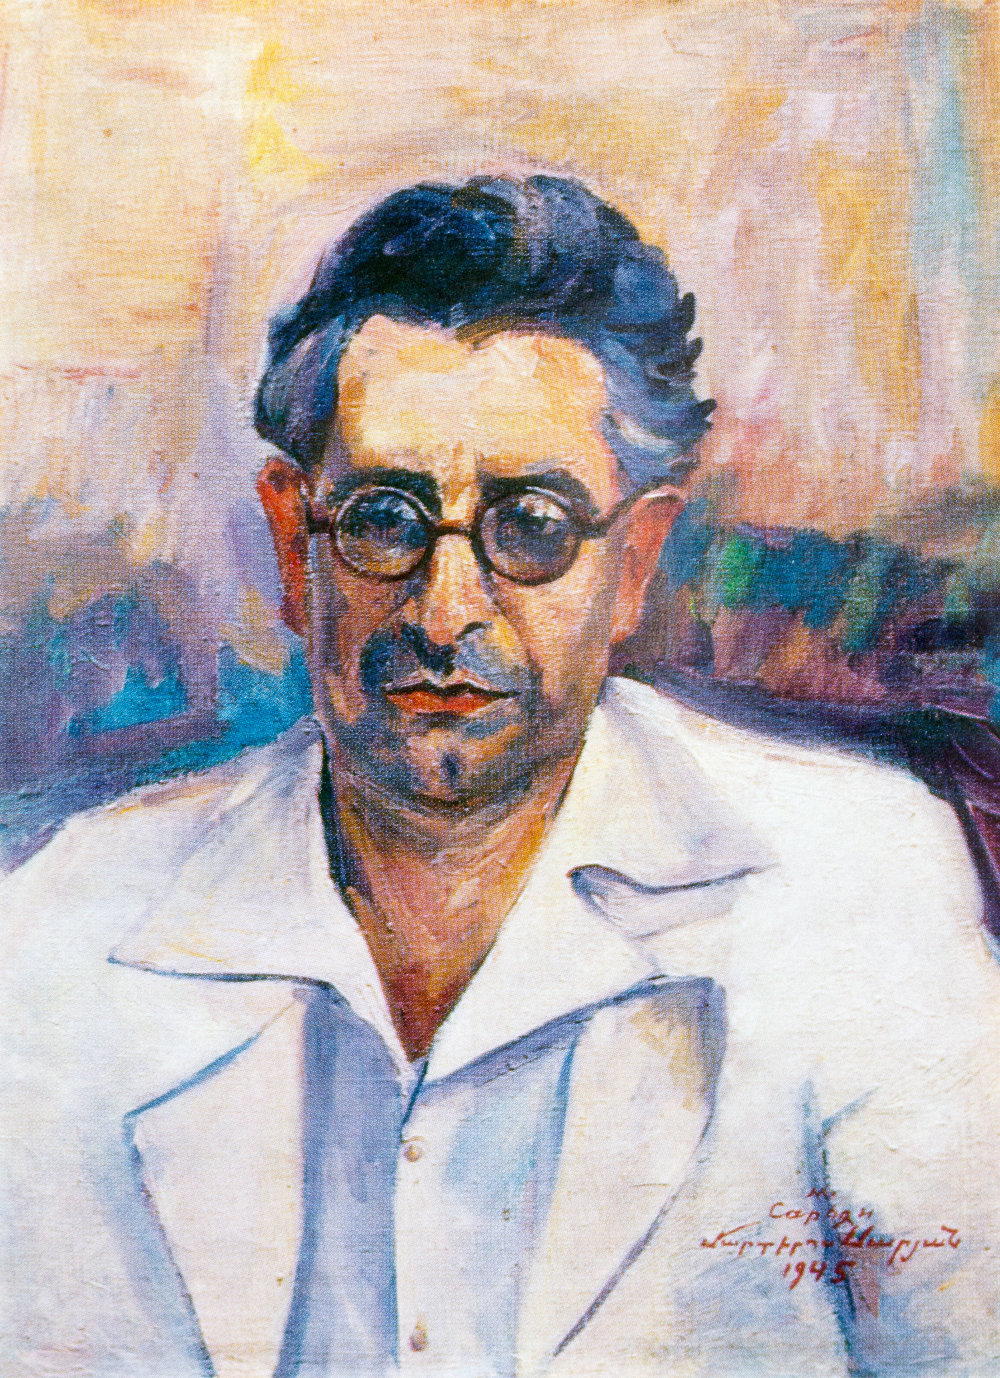 Писать начал с 17-летнего возраста, то есть ещё в период Российской империи; его первые рассказы были посвящены тяжёлой жизни армянского крестьянства.